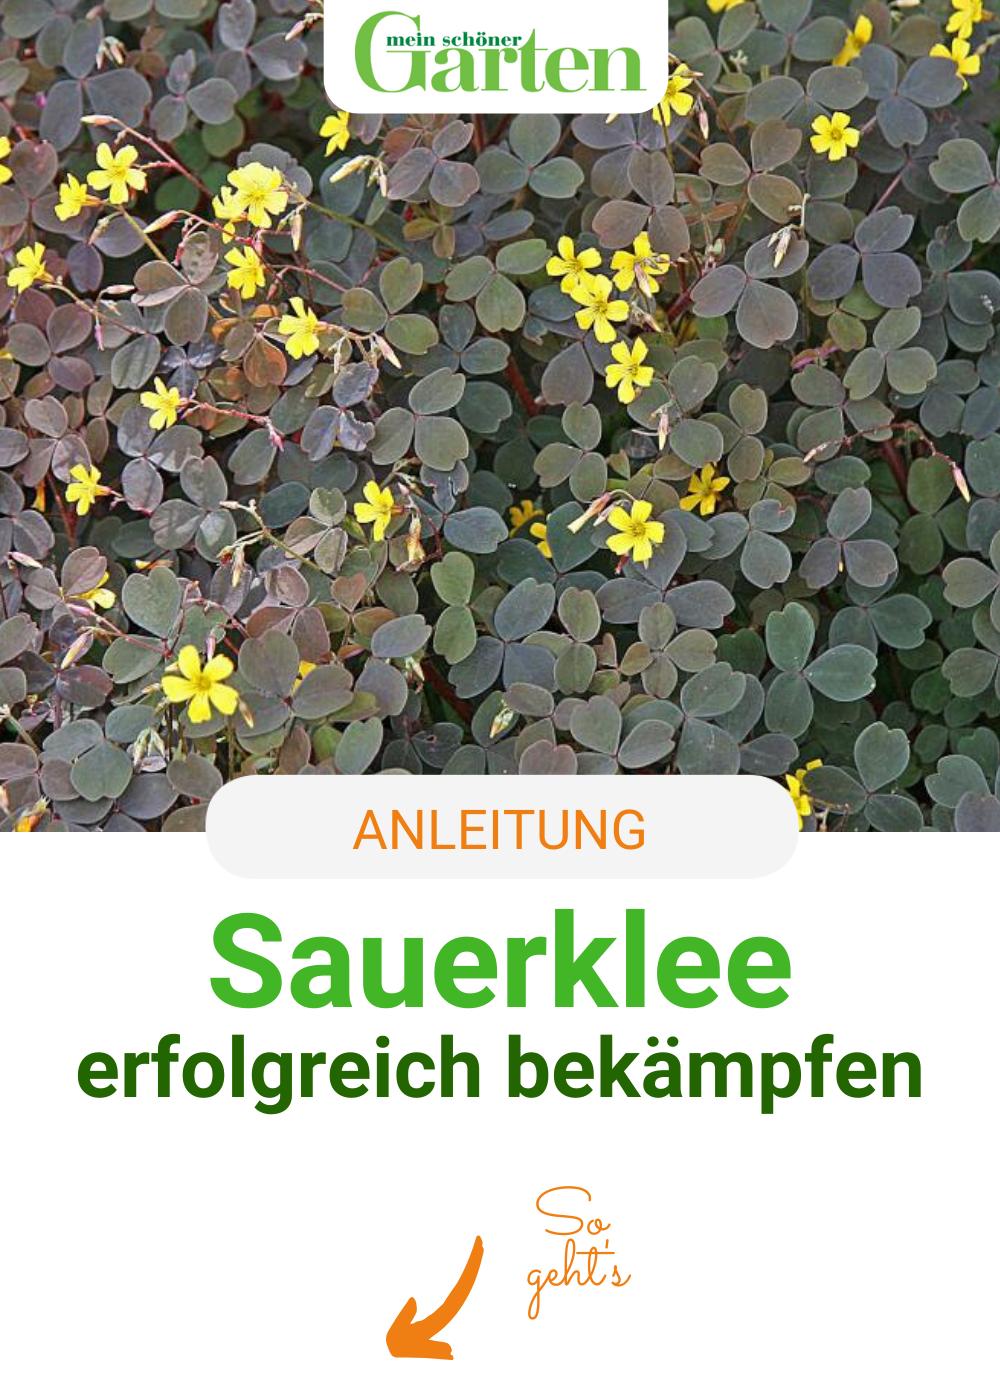 Sauerklee Im Garten Erfolgreich Bekampfen Outdoor Gardens Perfect Garden Amazing Gardens